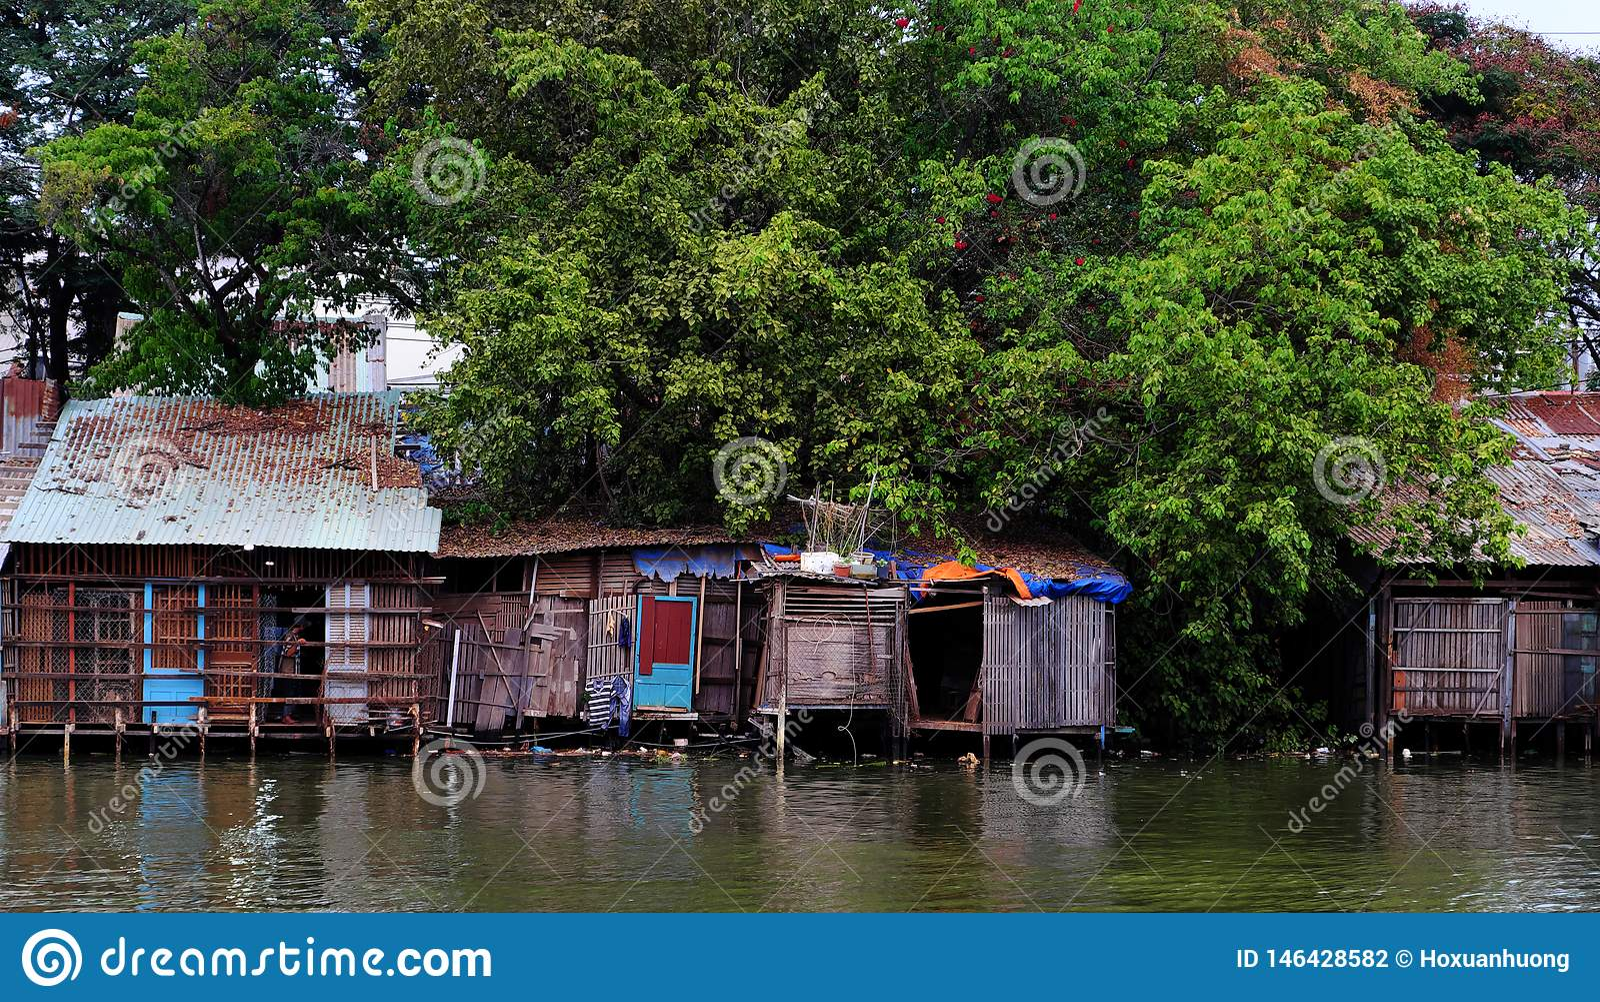 Gammalt lutninghus för flodstrand från det korrugerade metallarket under stort träd